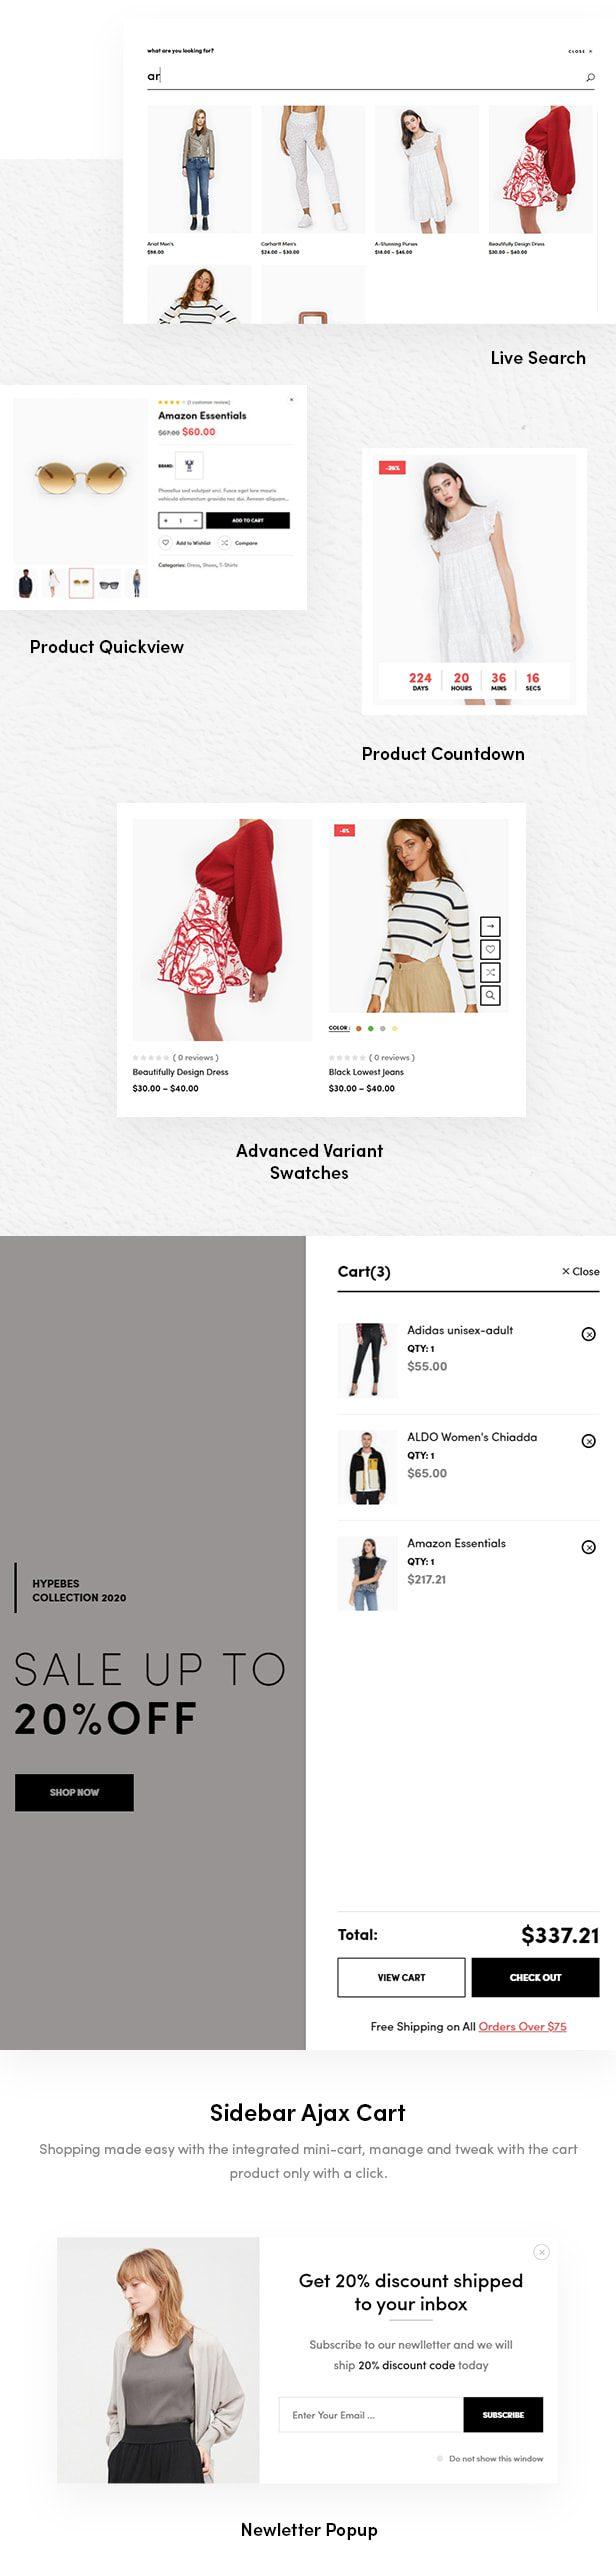 قالب Cerio | قالب ووکامرس مد Cerio | قالب فروشگاهی وردپرس سریو